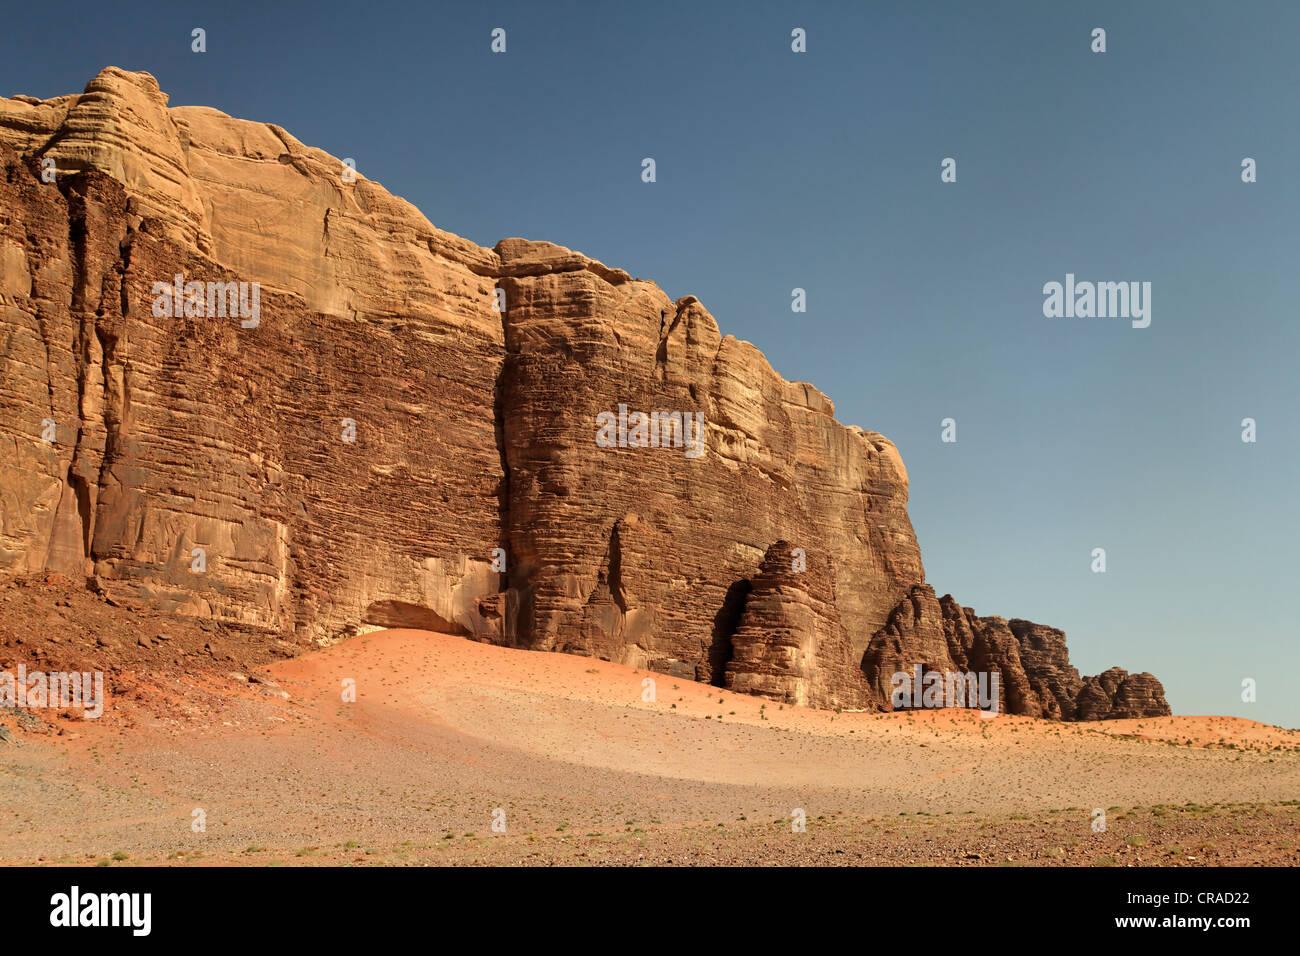 Wüste Ebene mit einem steigenden Bergmassiv, Wadi Rum, Haschemitischen Königreich Jordanien, Naher Osten, Stockbild